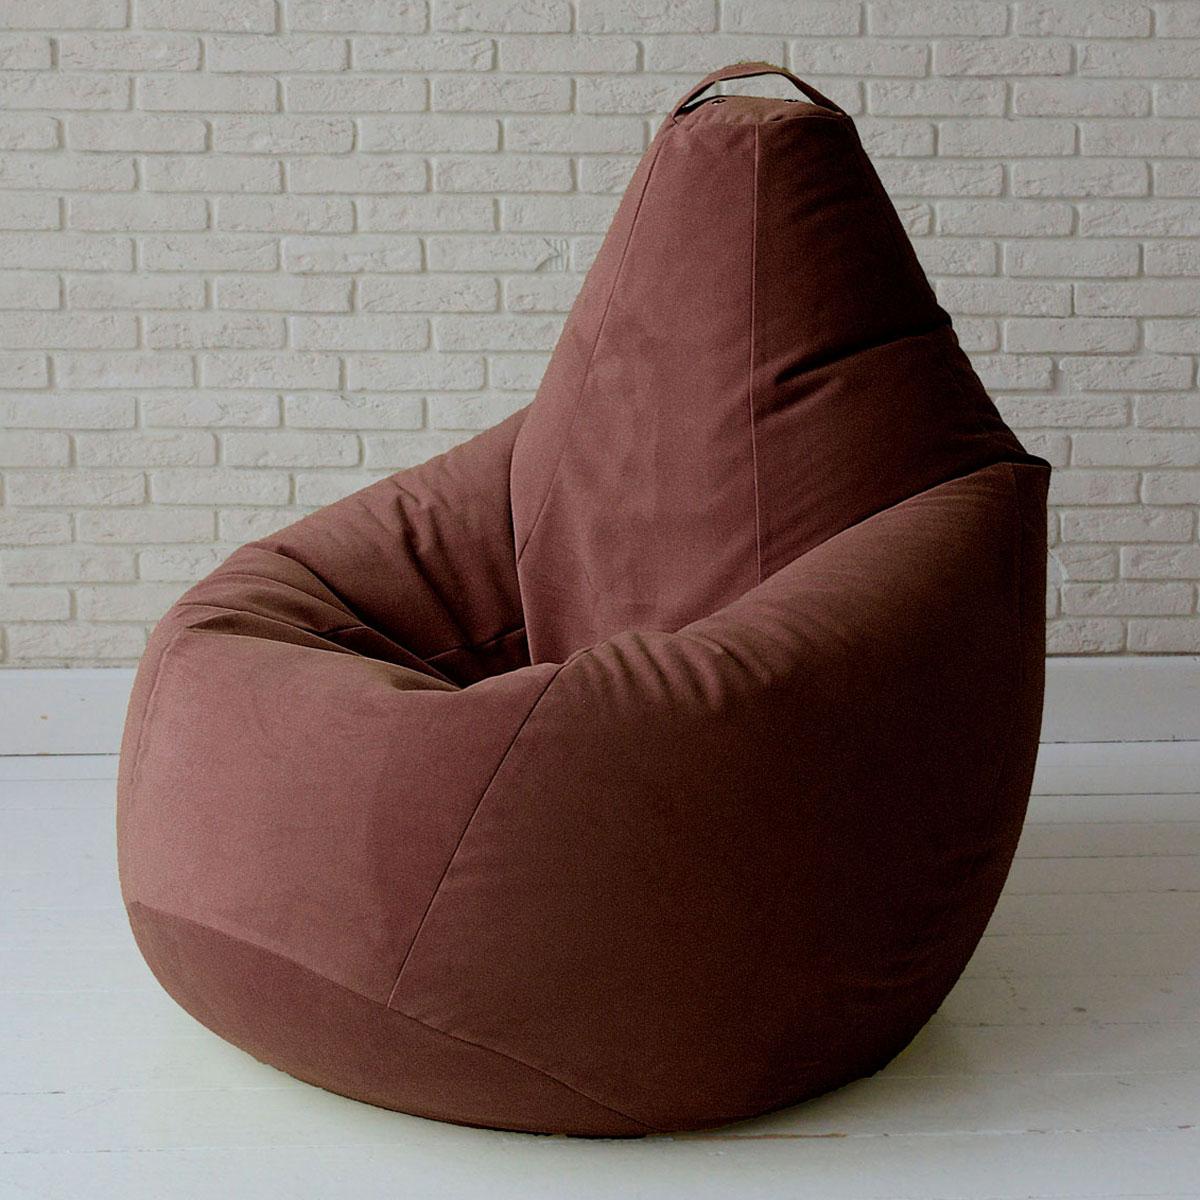 Кресло мешок для кукол своими руками фото 660